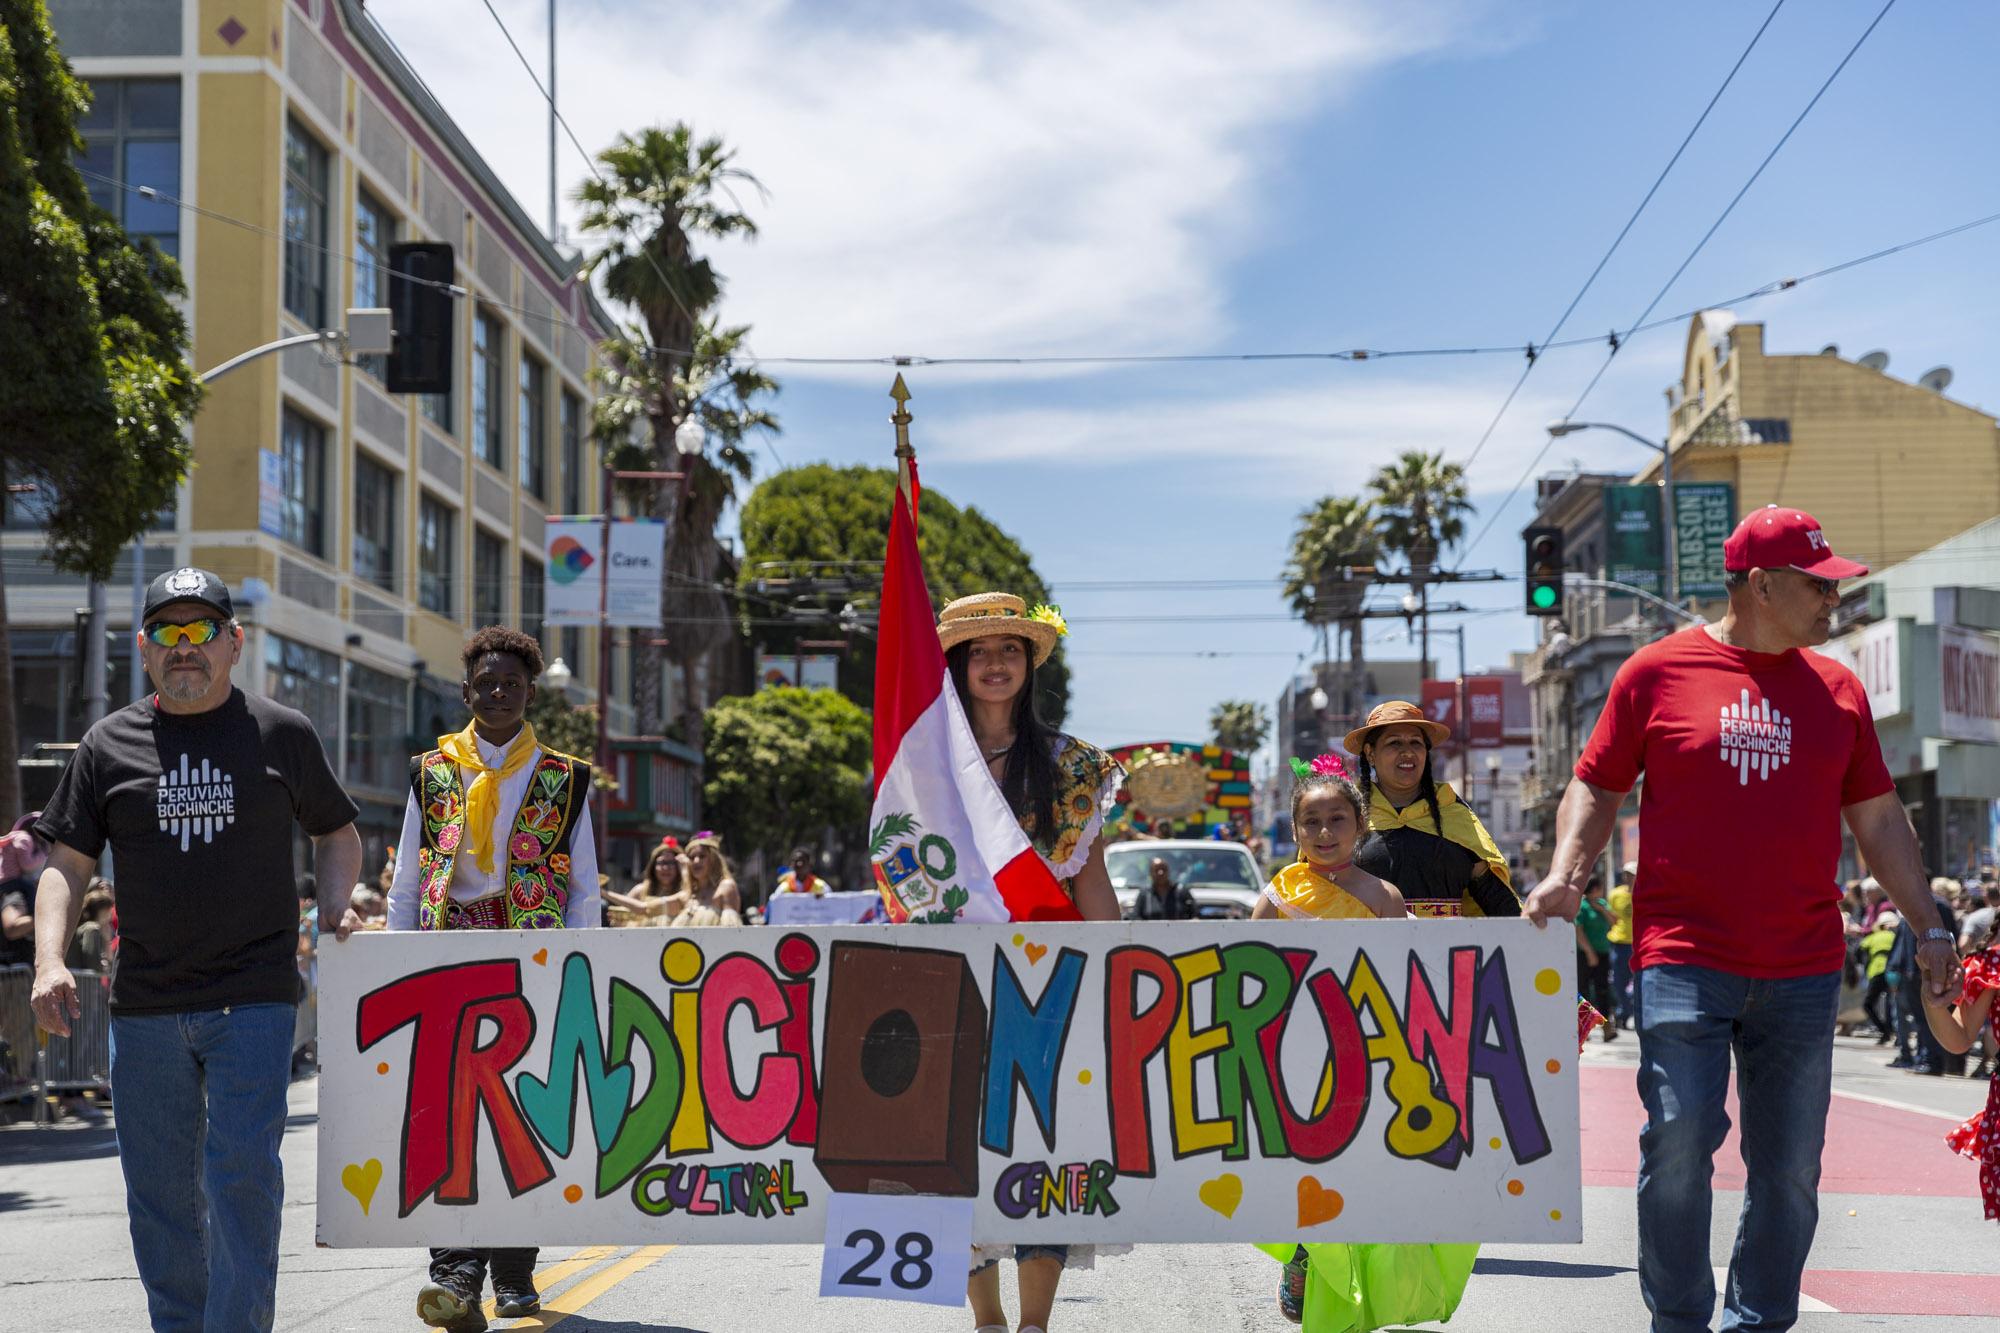 Carnival, San Francisco